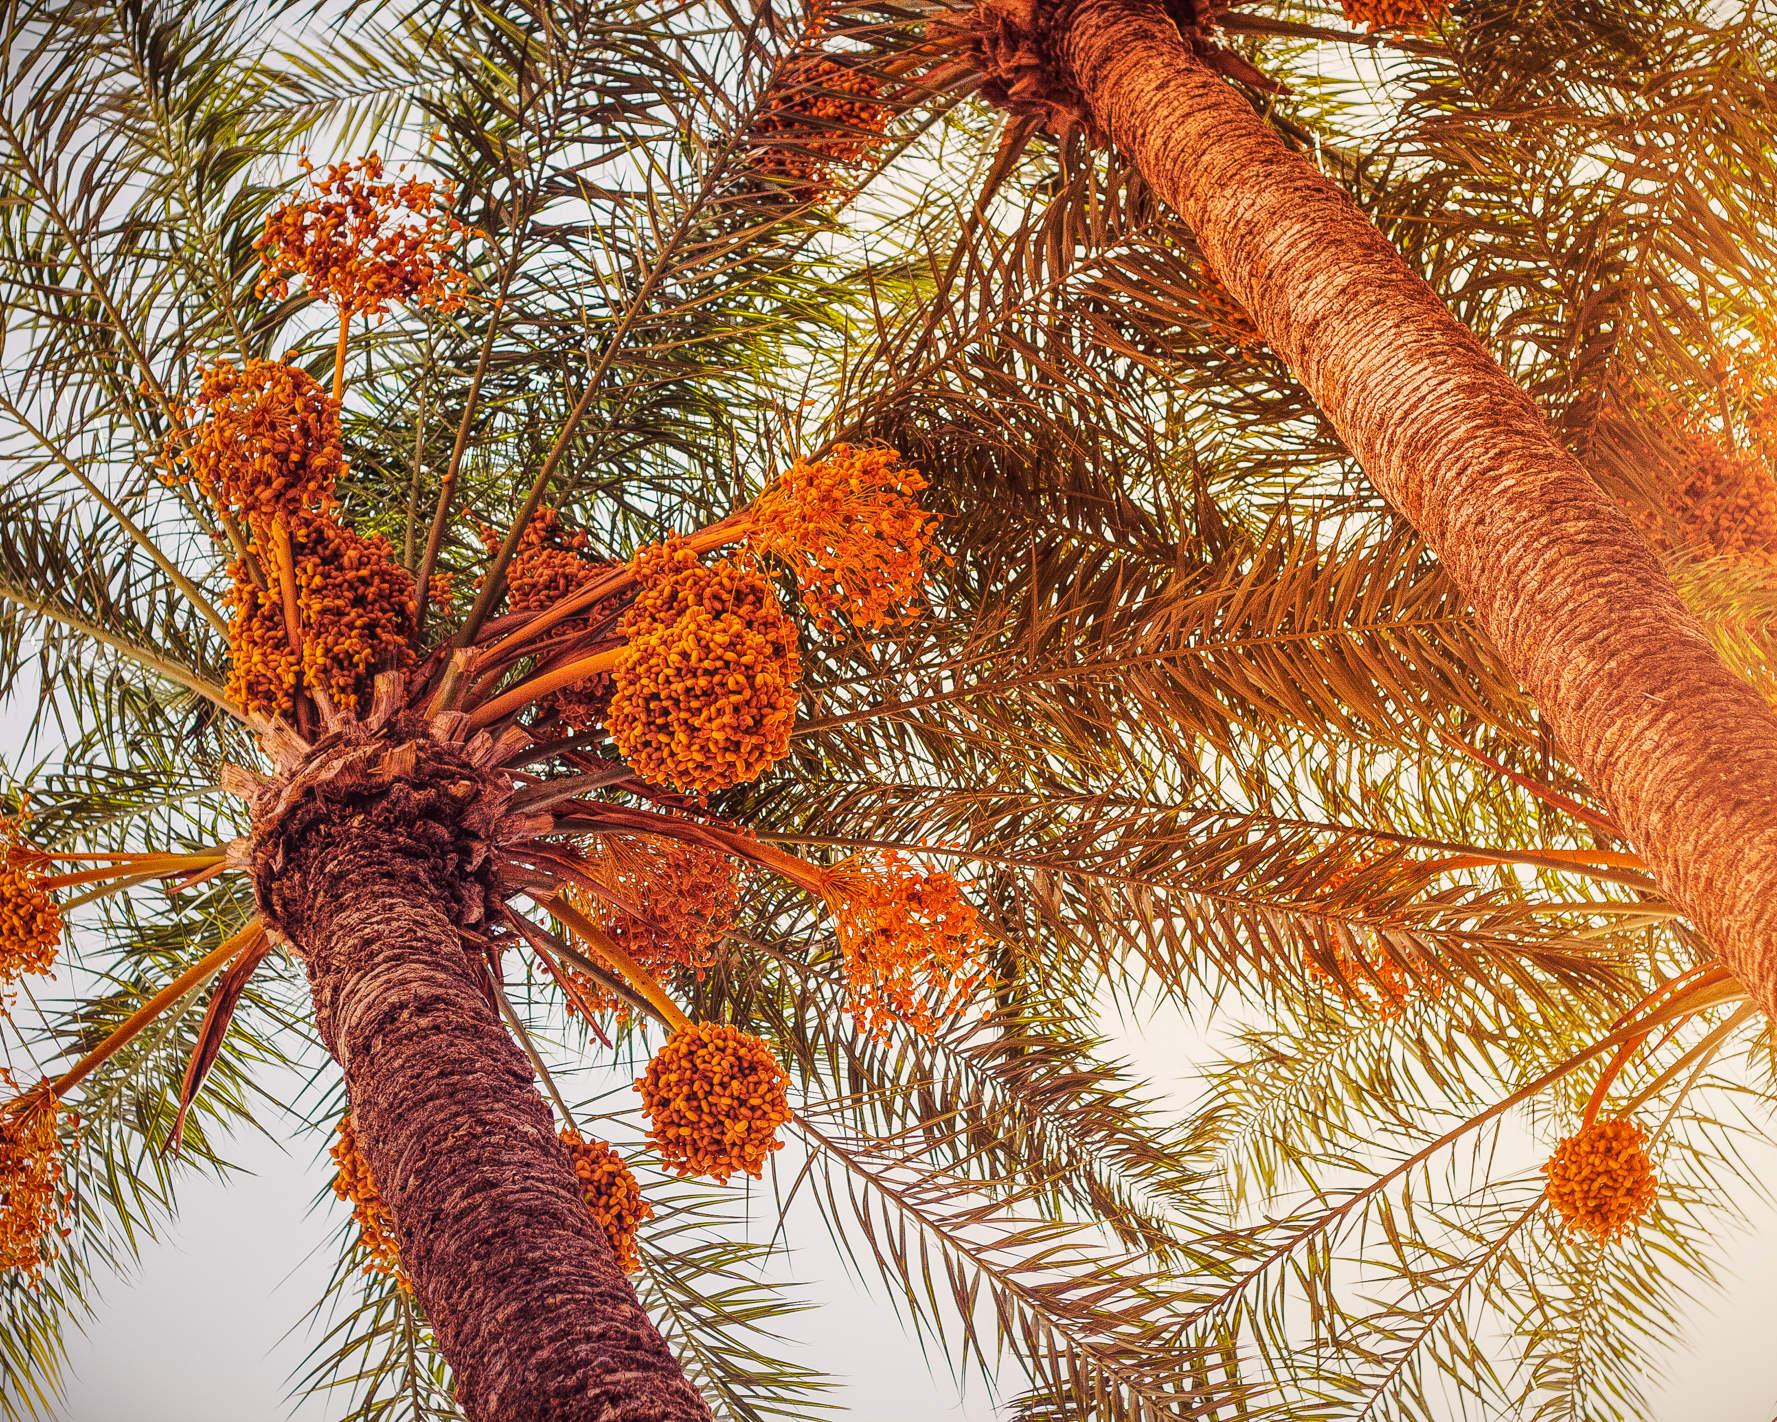 Zwei gigantische Dattelpalmen voller Früchte im Garten des Großwesir Palastes von Marrakesch